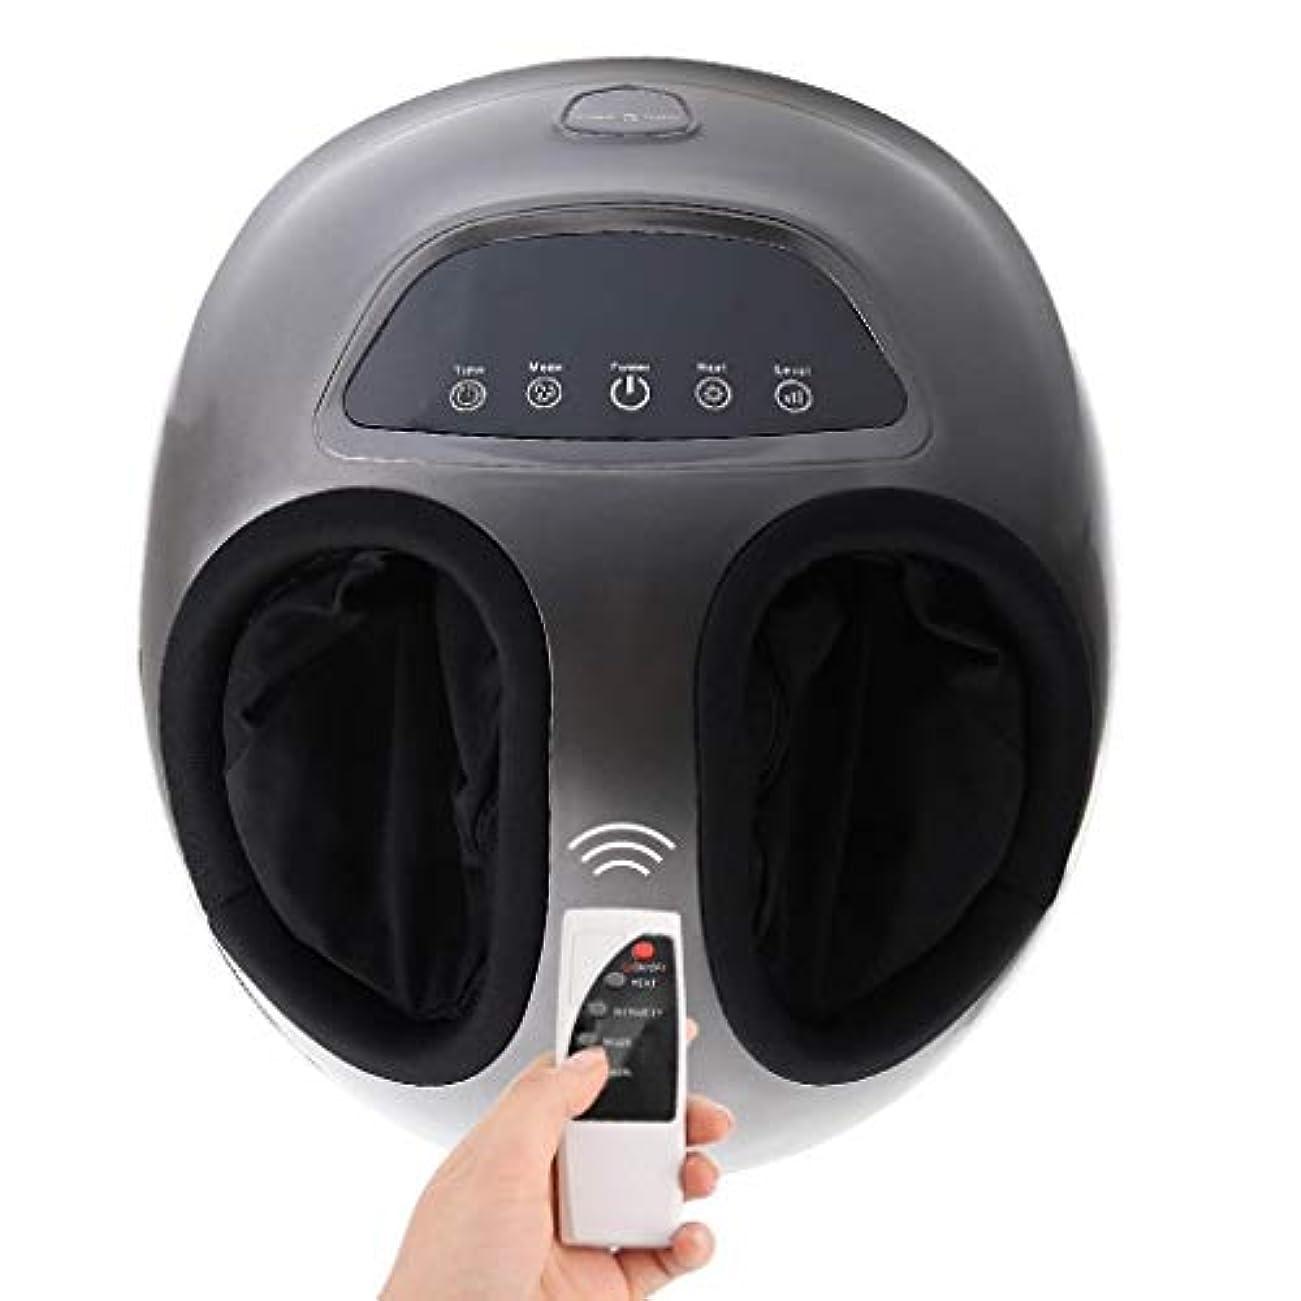 代わりにを立てる動物園四面体フットマッサージャー、加熱指圧ローリングニーディングマッサージ、エアコンプレッションフットウォーマーによる血液循環/睡眠の促進